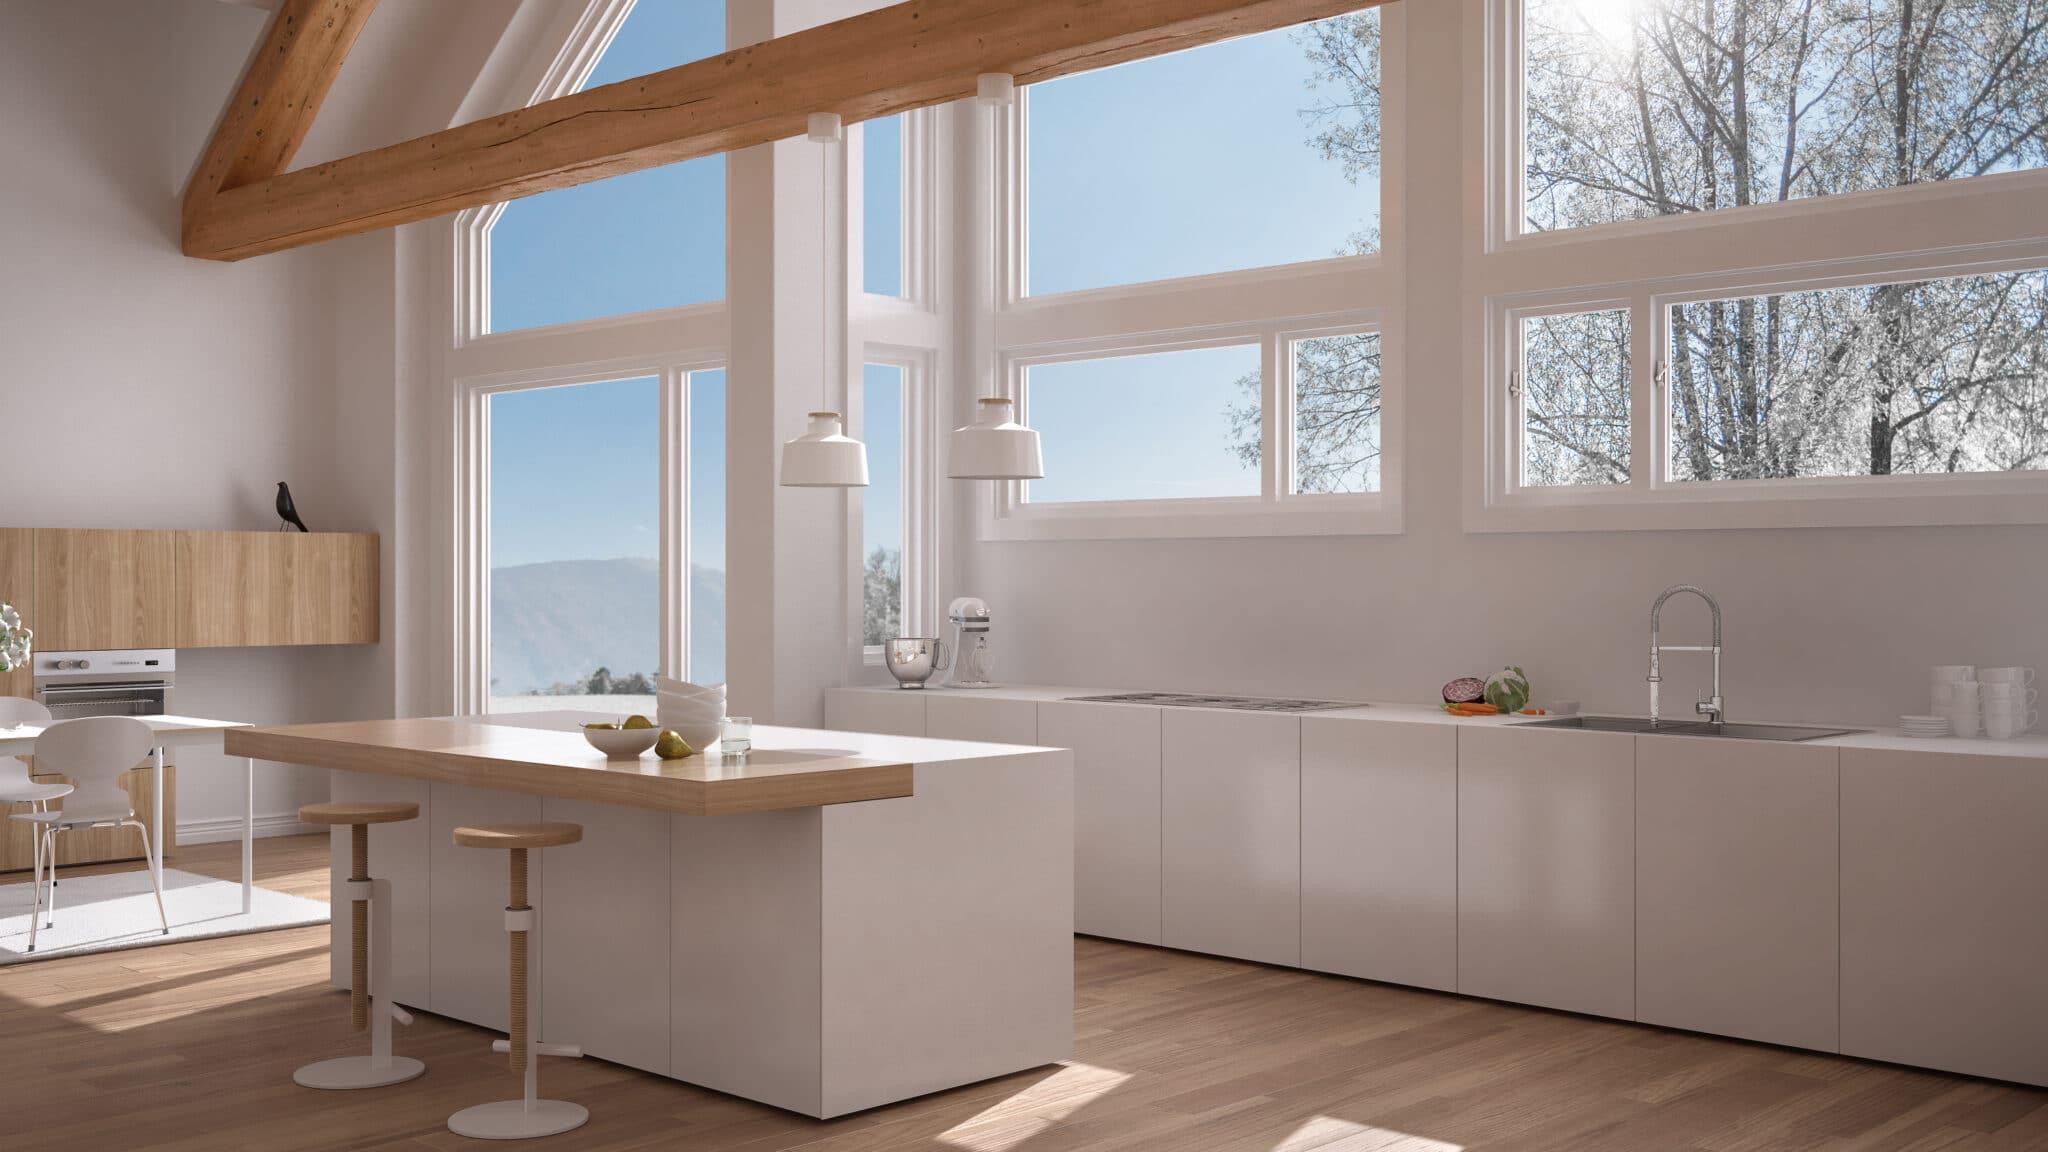 מטבחים מעץ ספקי מטבחים מודרניים מומחים עם מתן אחריות לעבודתם שיודעים לספק פתרונות יעילים להתאמת תנורים גדולים לכל מטבח בד בבד הפעלת ציוד מקצועי לניסור עץ במטבח הלקוח